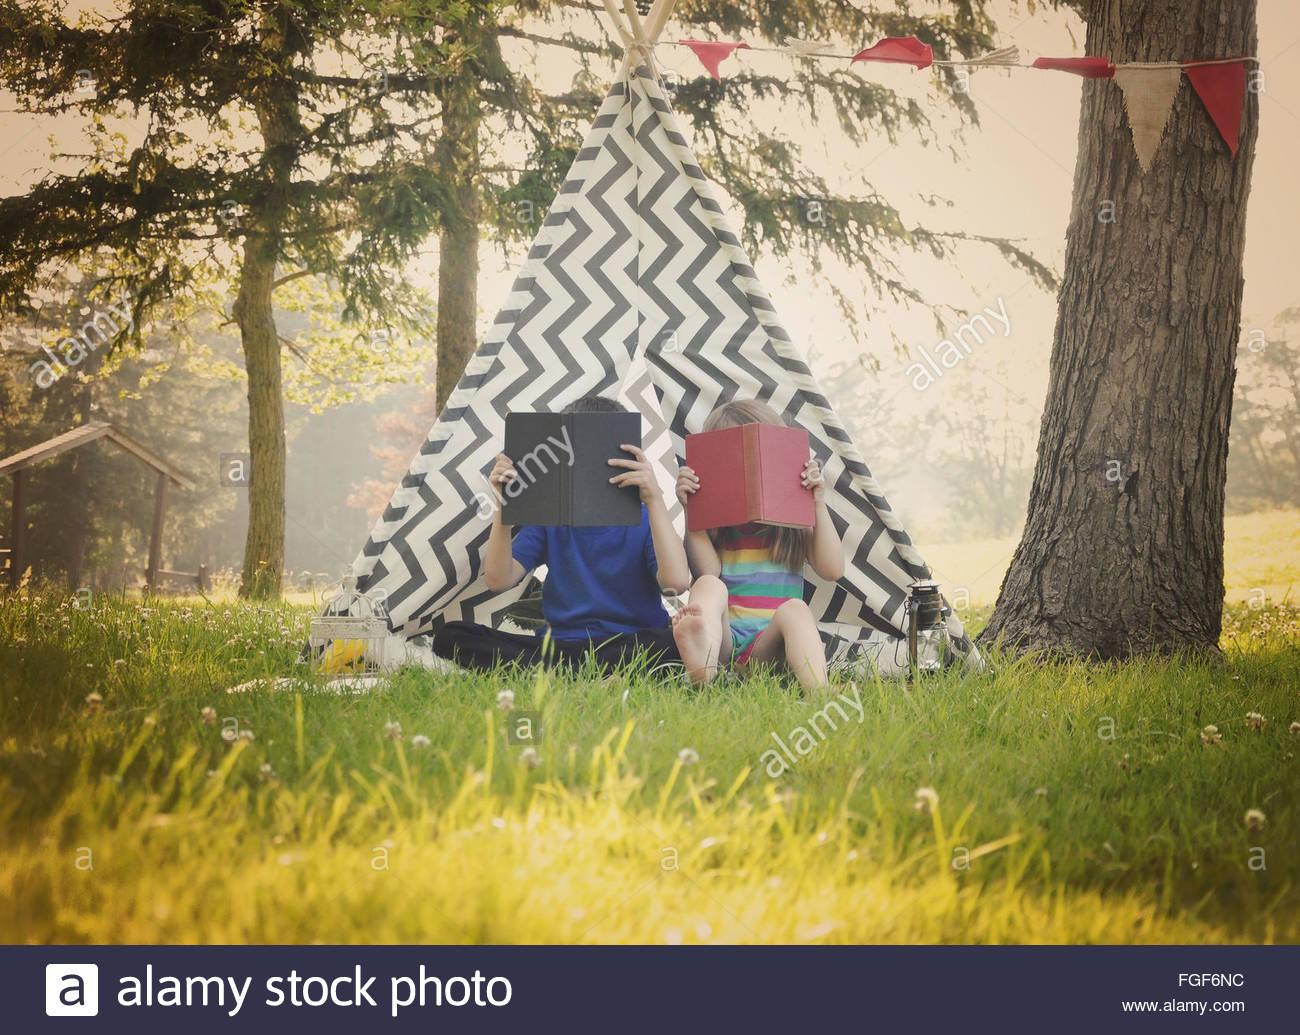 Zwei kleine Kinder lesen Bücher zusammen außerhalb in einem Tipi-Zelt für eine Ausbildung oder Lernkonzept. Stockbild